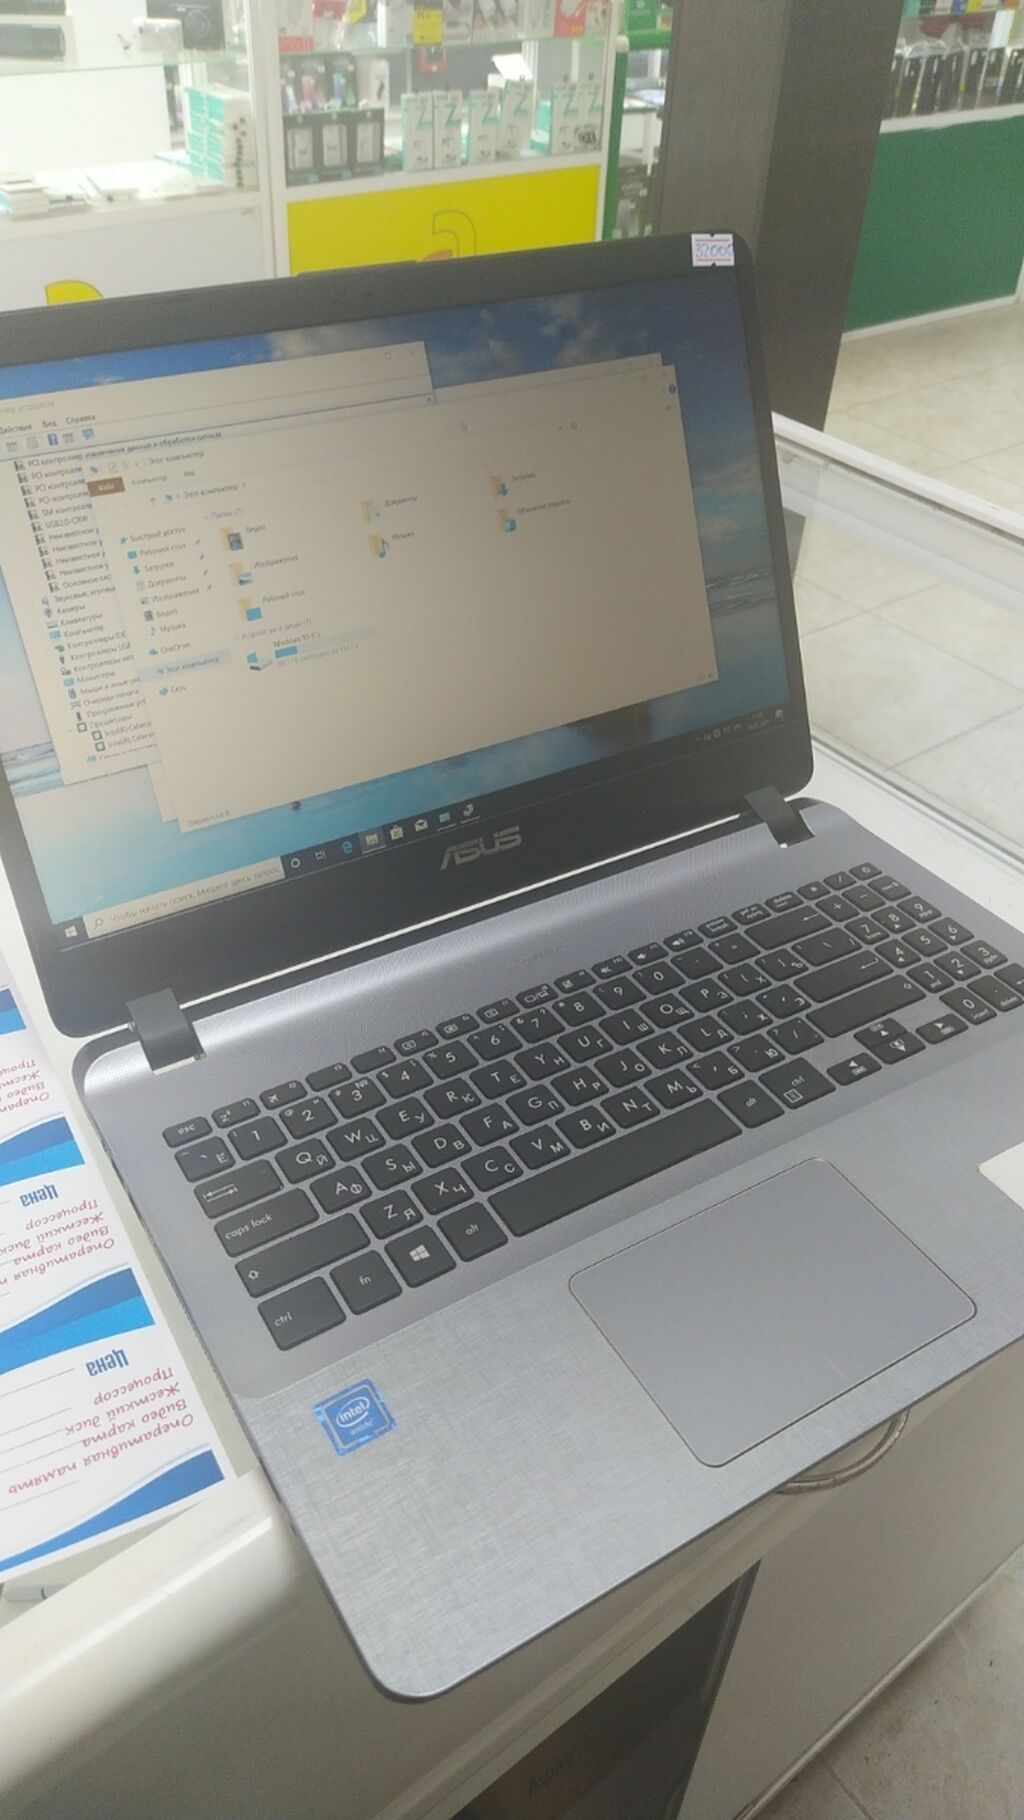 Ноутбуки в кредит и рассрочку ремонт, скупка: Ноутбуки в кредит и рассрочку ремонт, скупка